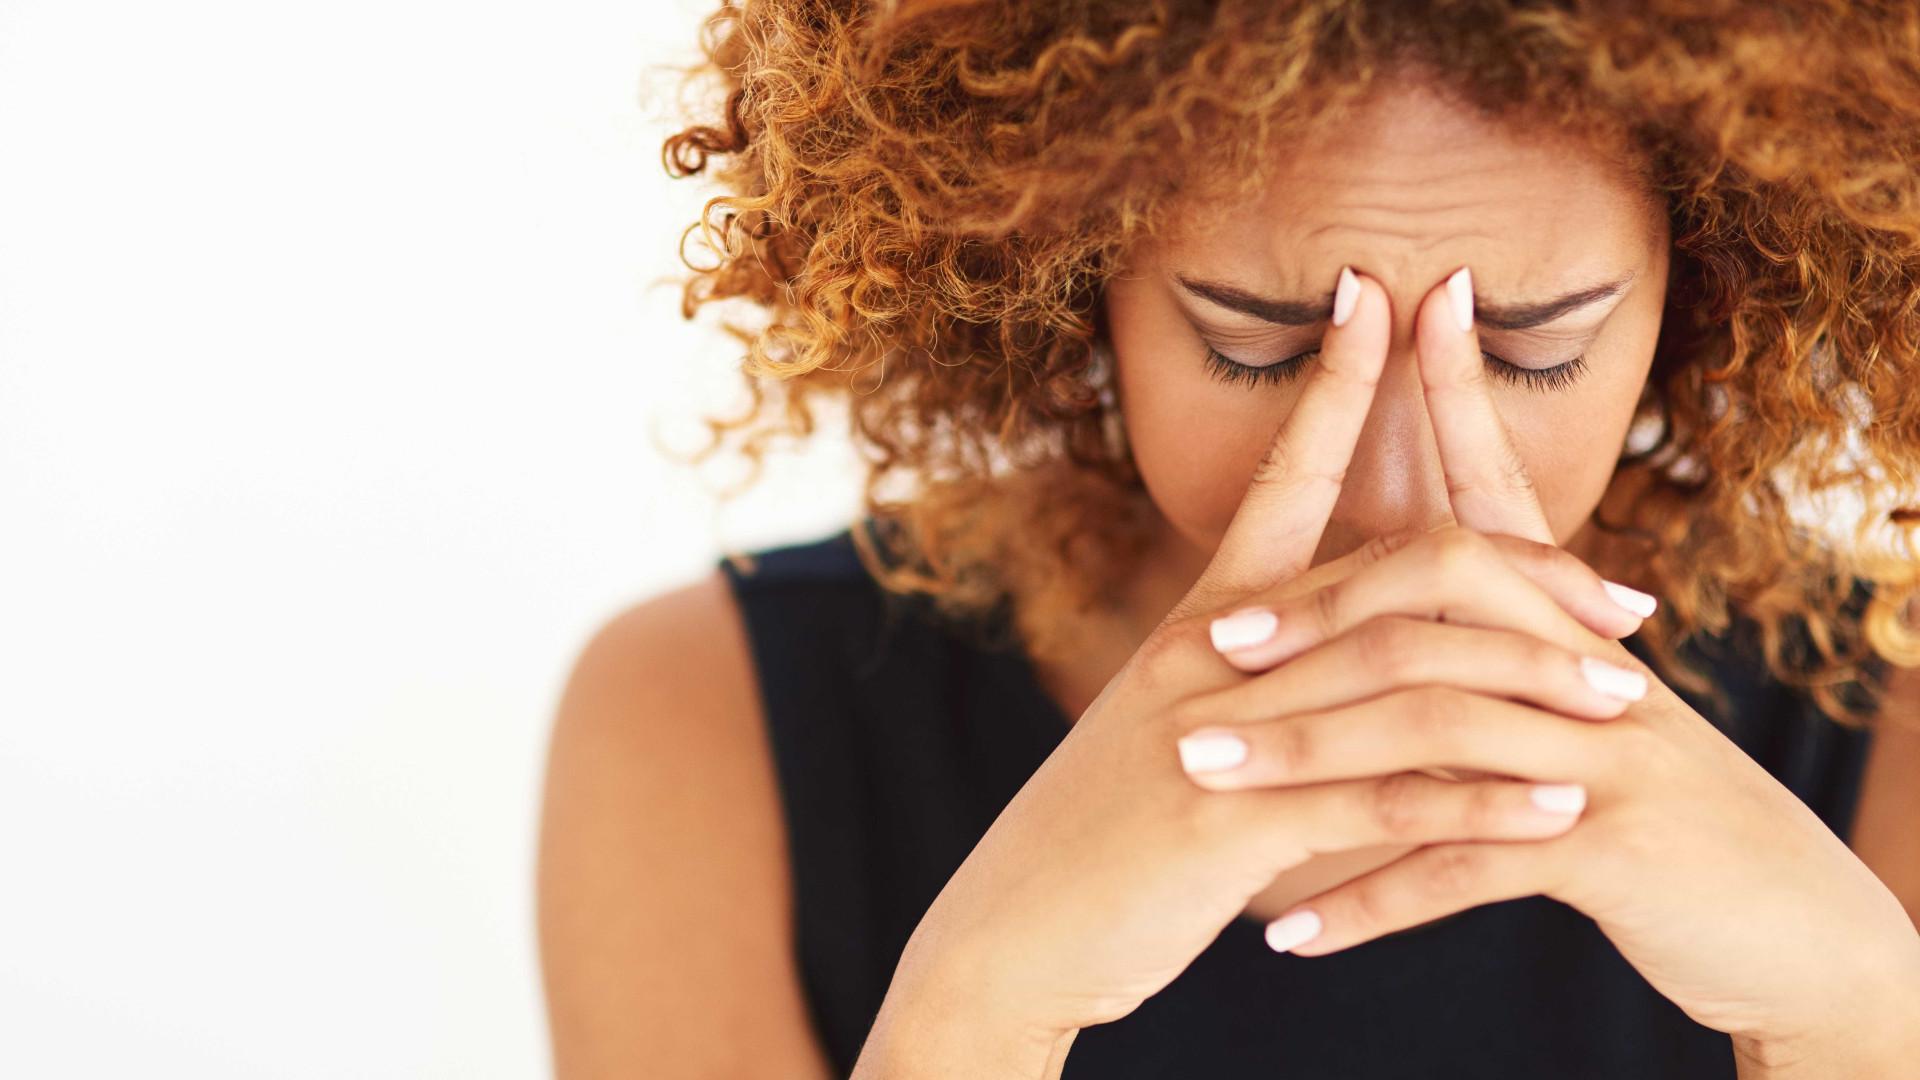 Dor de cabeça pode sinalizar problema mais grave; entenda